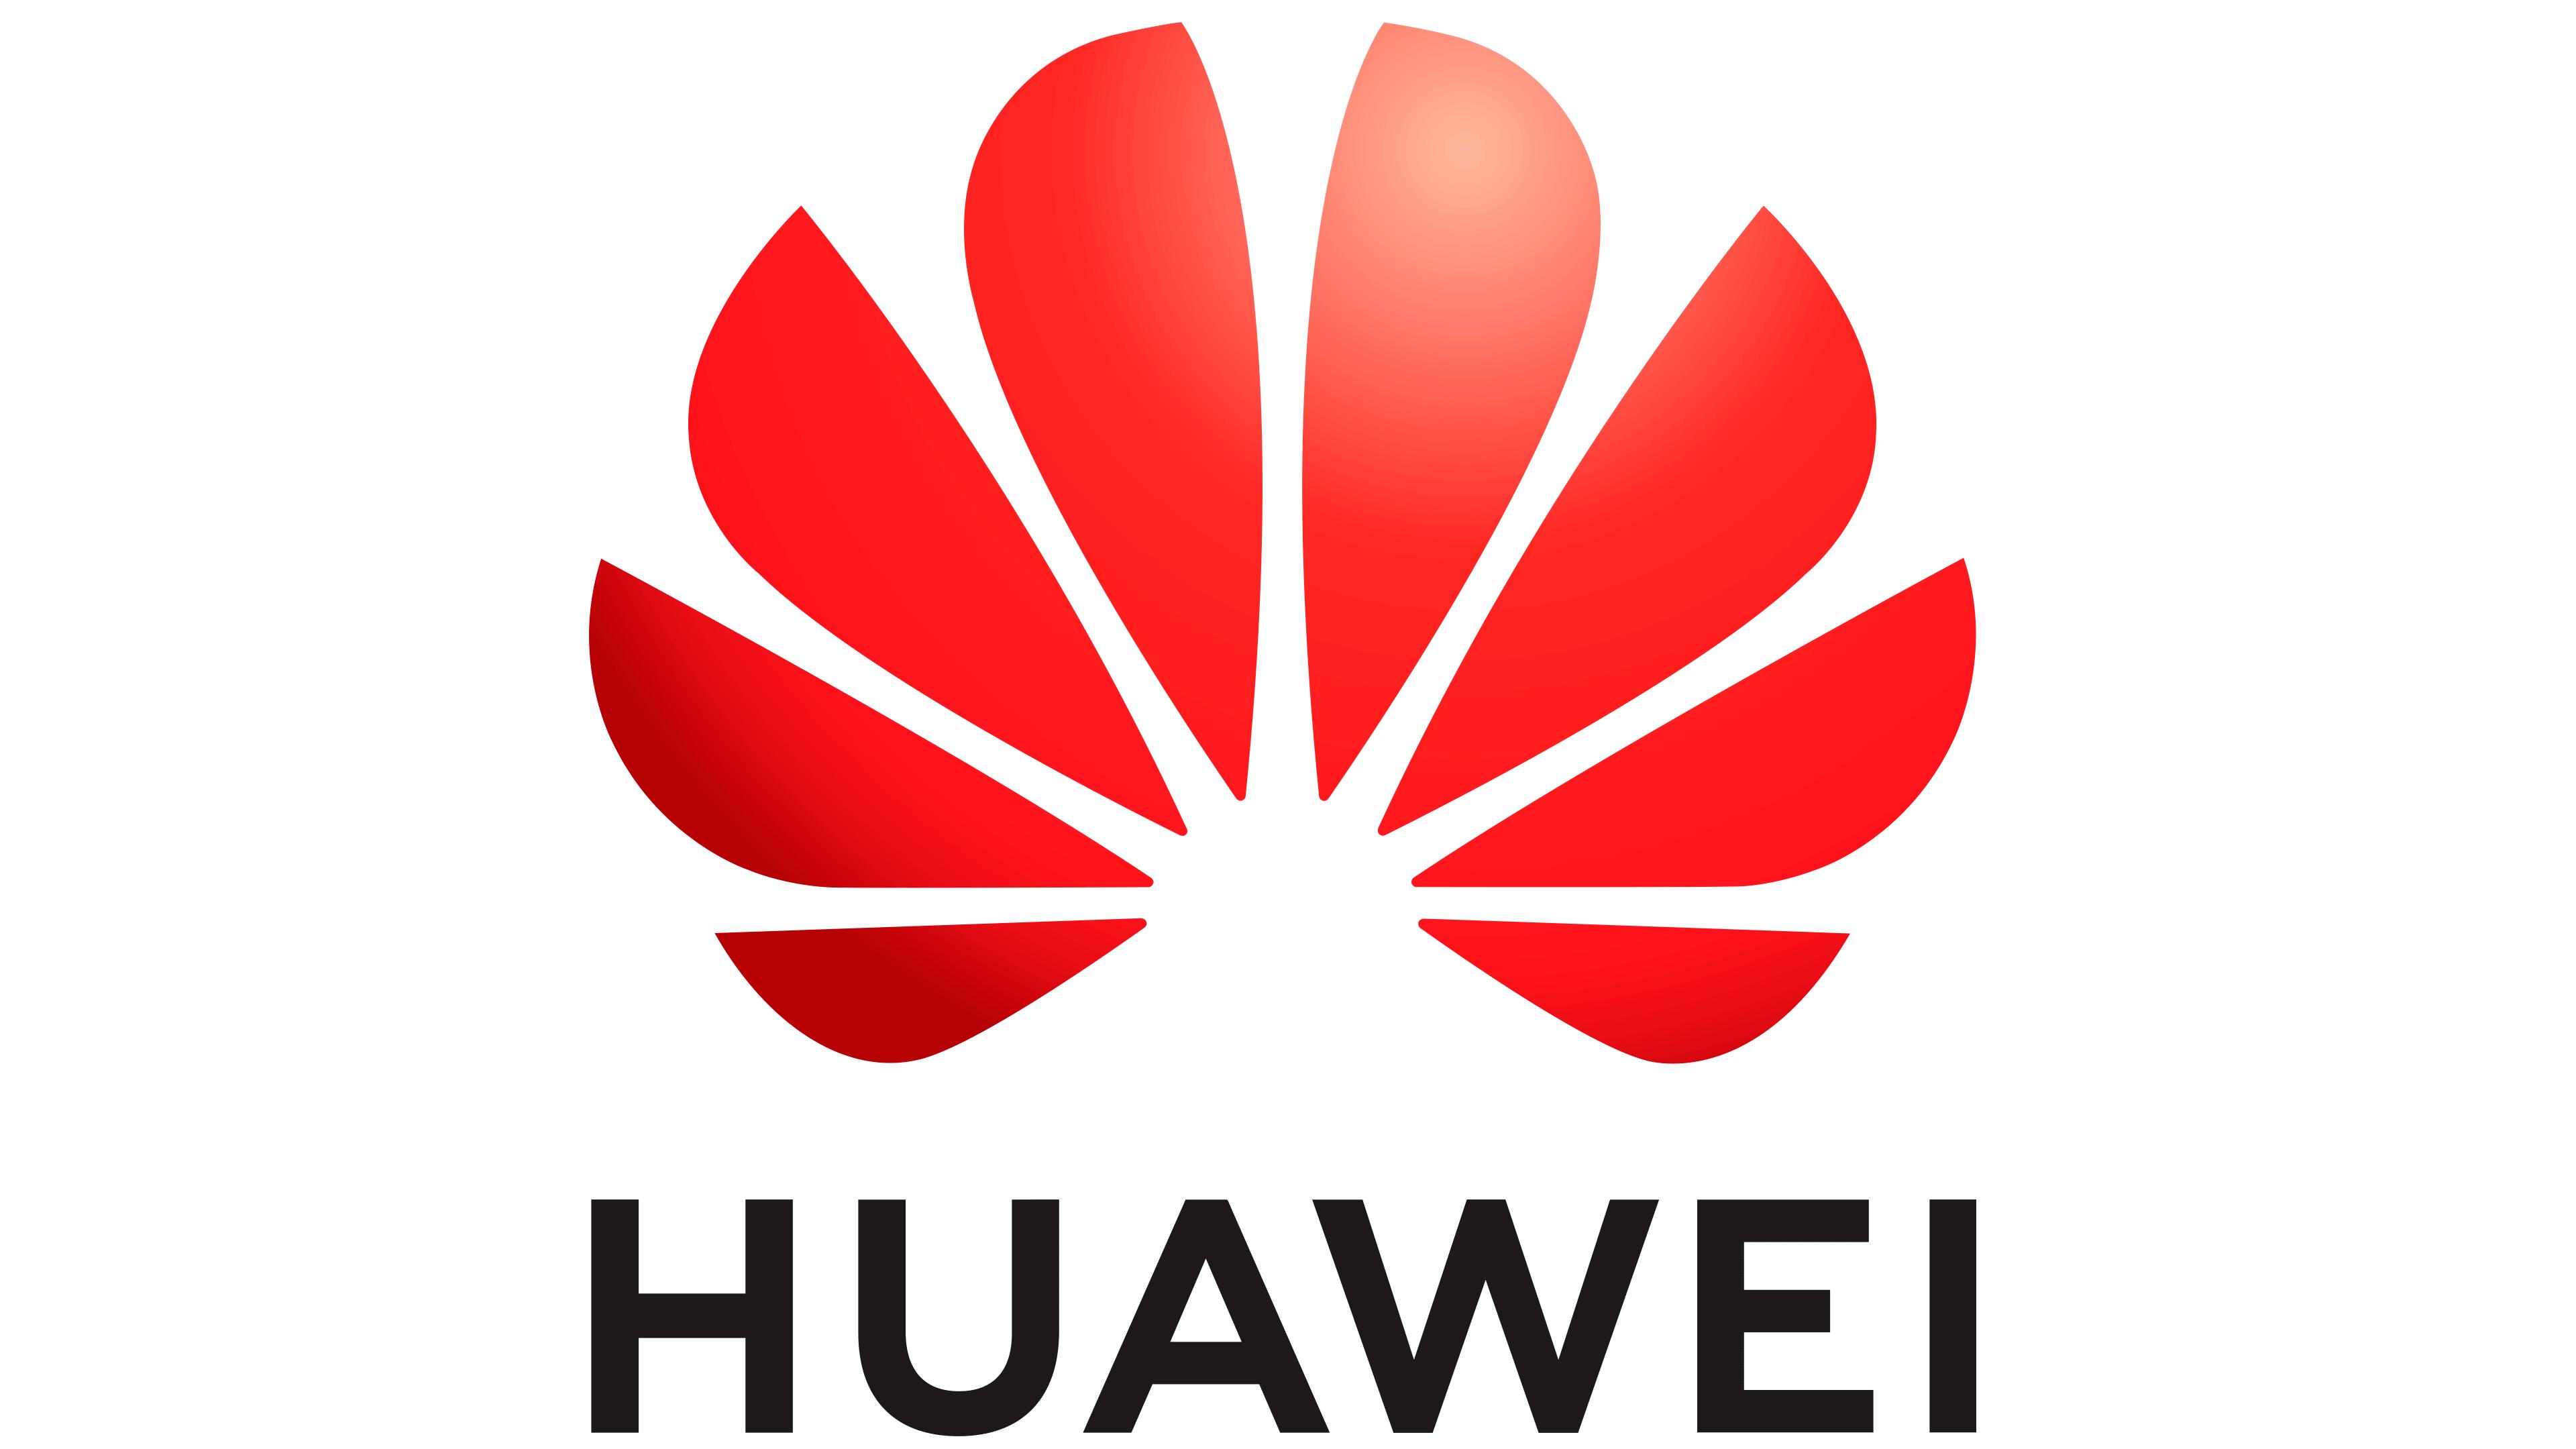 Huawei logo color transparent bg